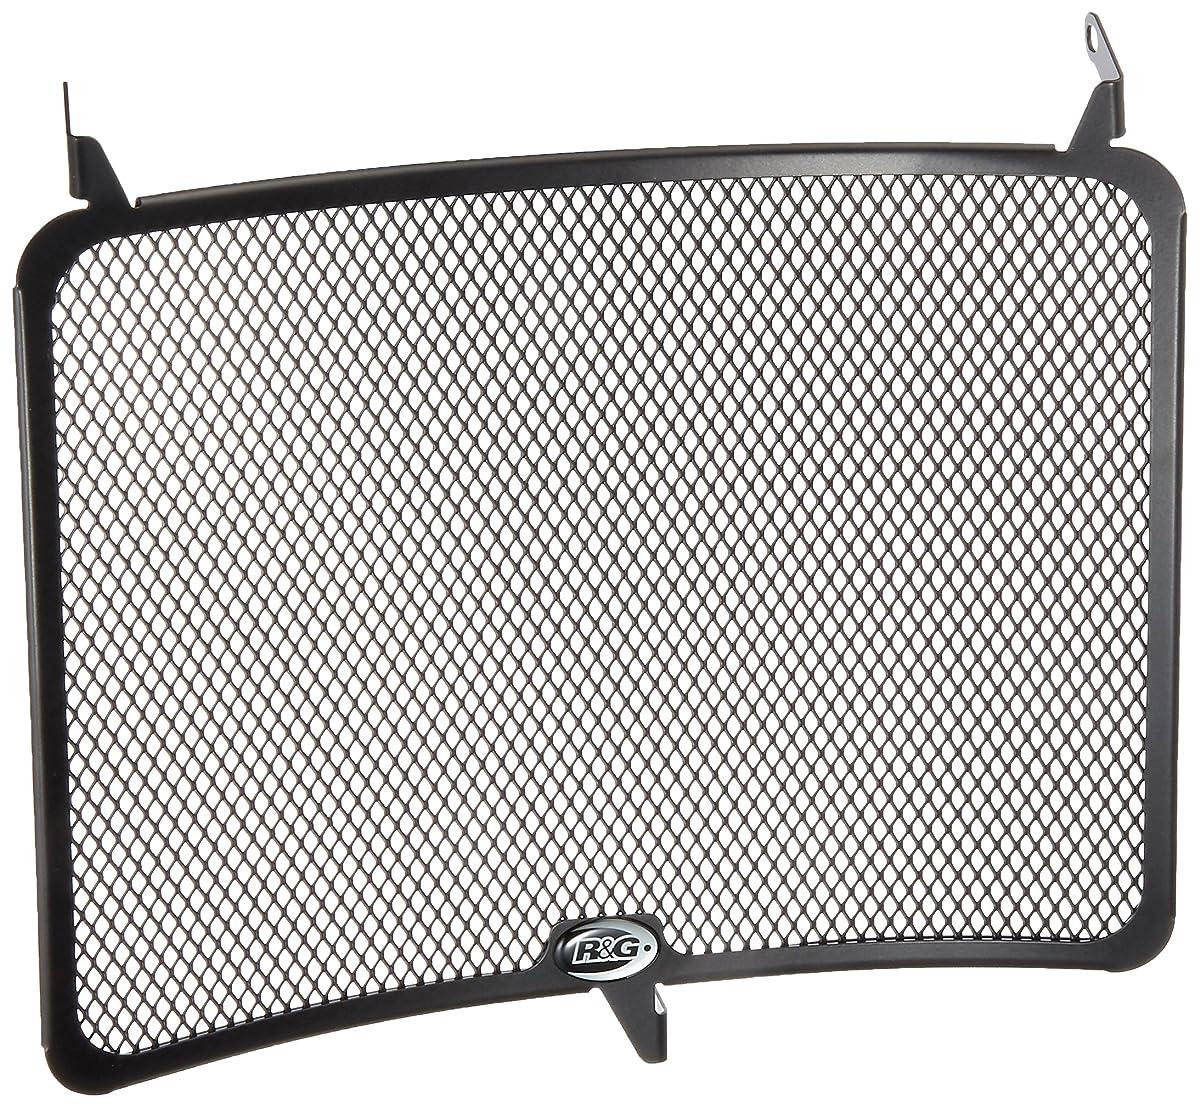 派生する予測人に関する限りオートバイ用 水タンクカバー ラジエーター ガード プロテクター ラジエーターグリルガードカバー 水タンク保護 防塵 放熱 ステンレス鋼 BMW G310R